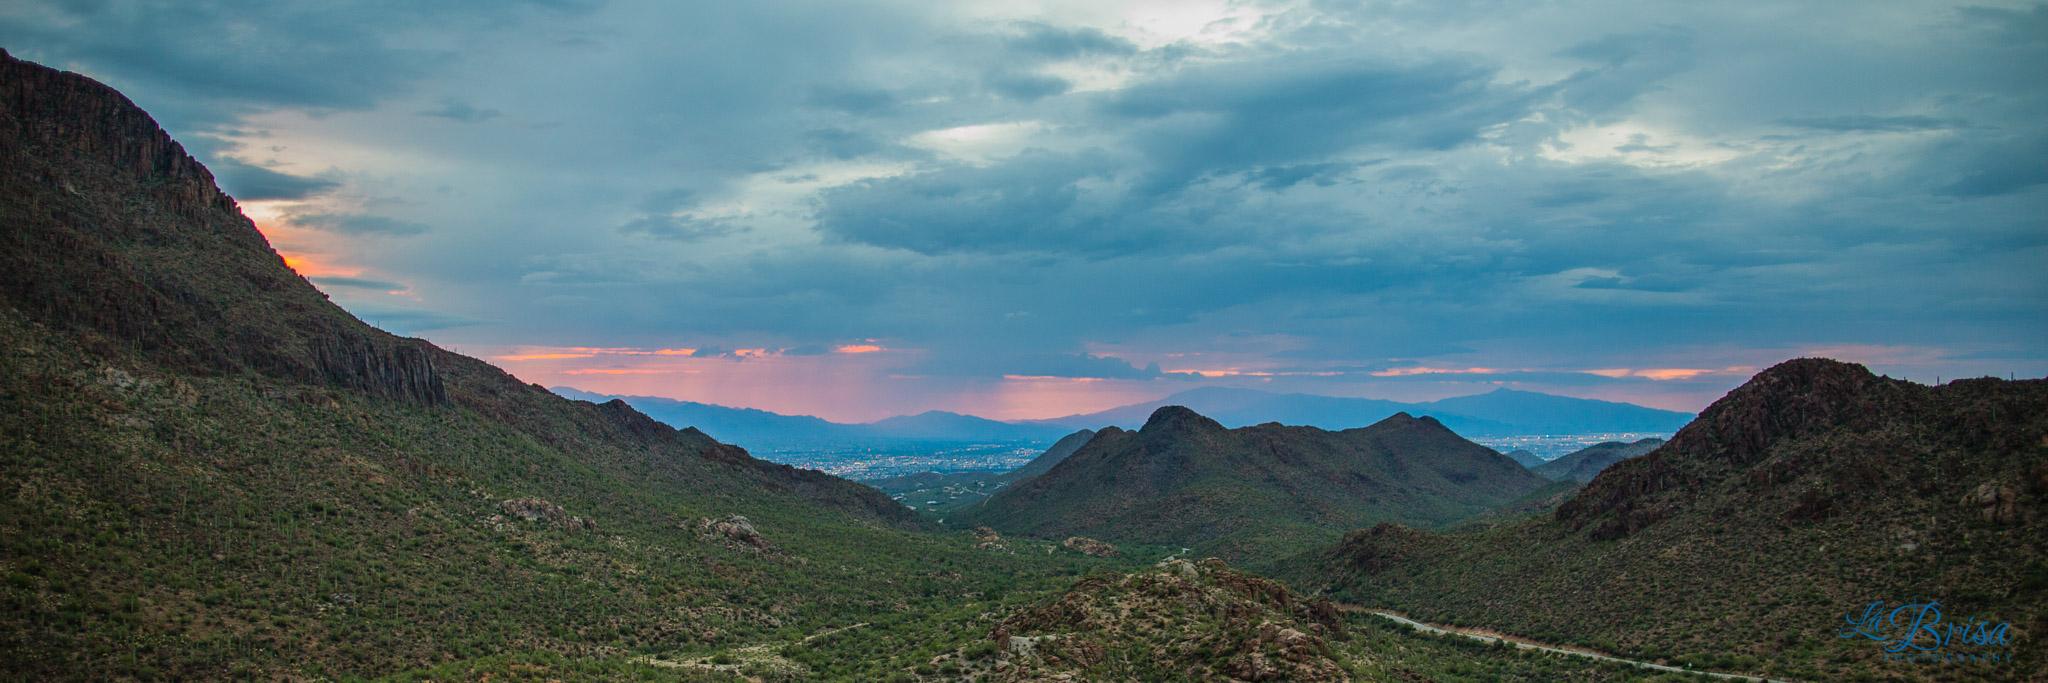 La Brisa Marana Arizona